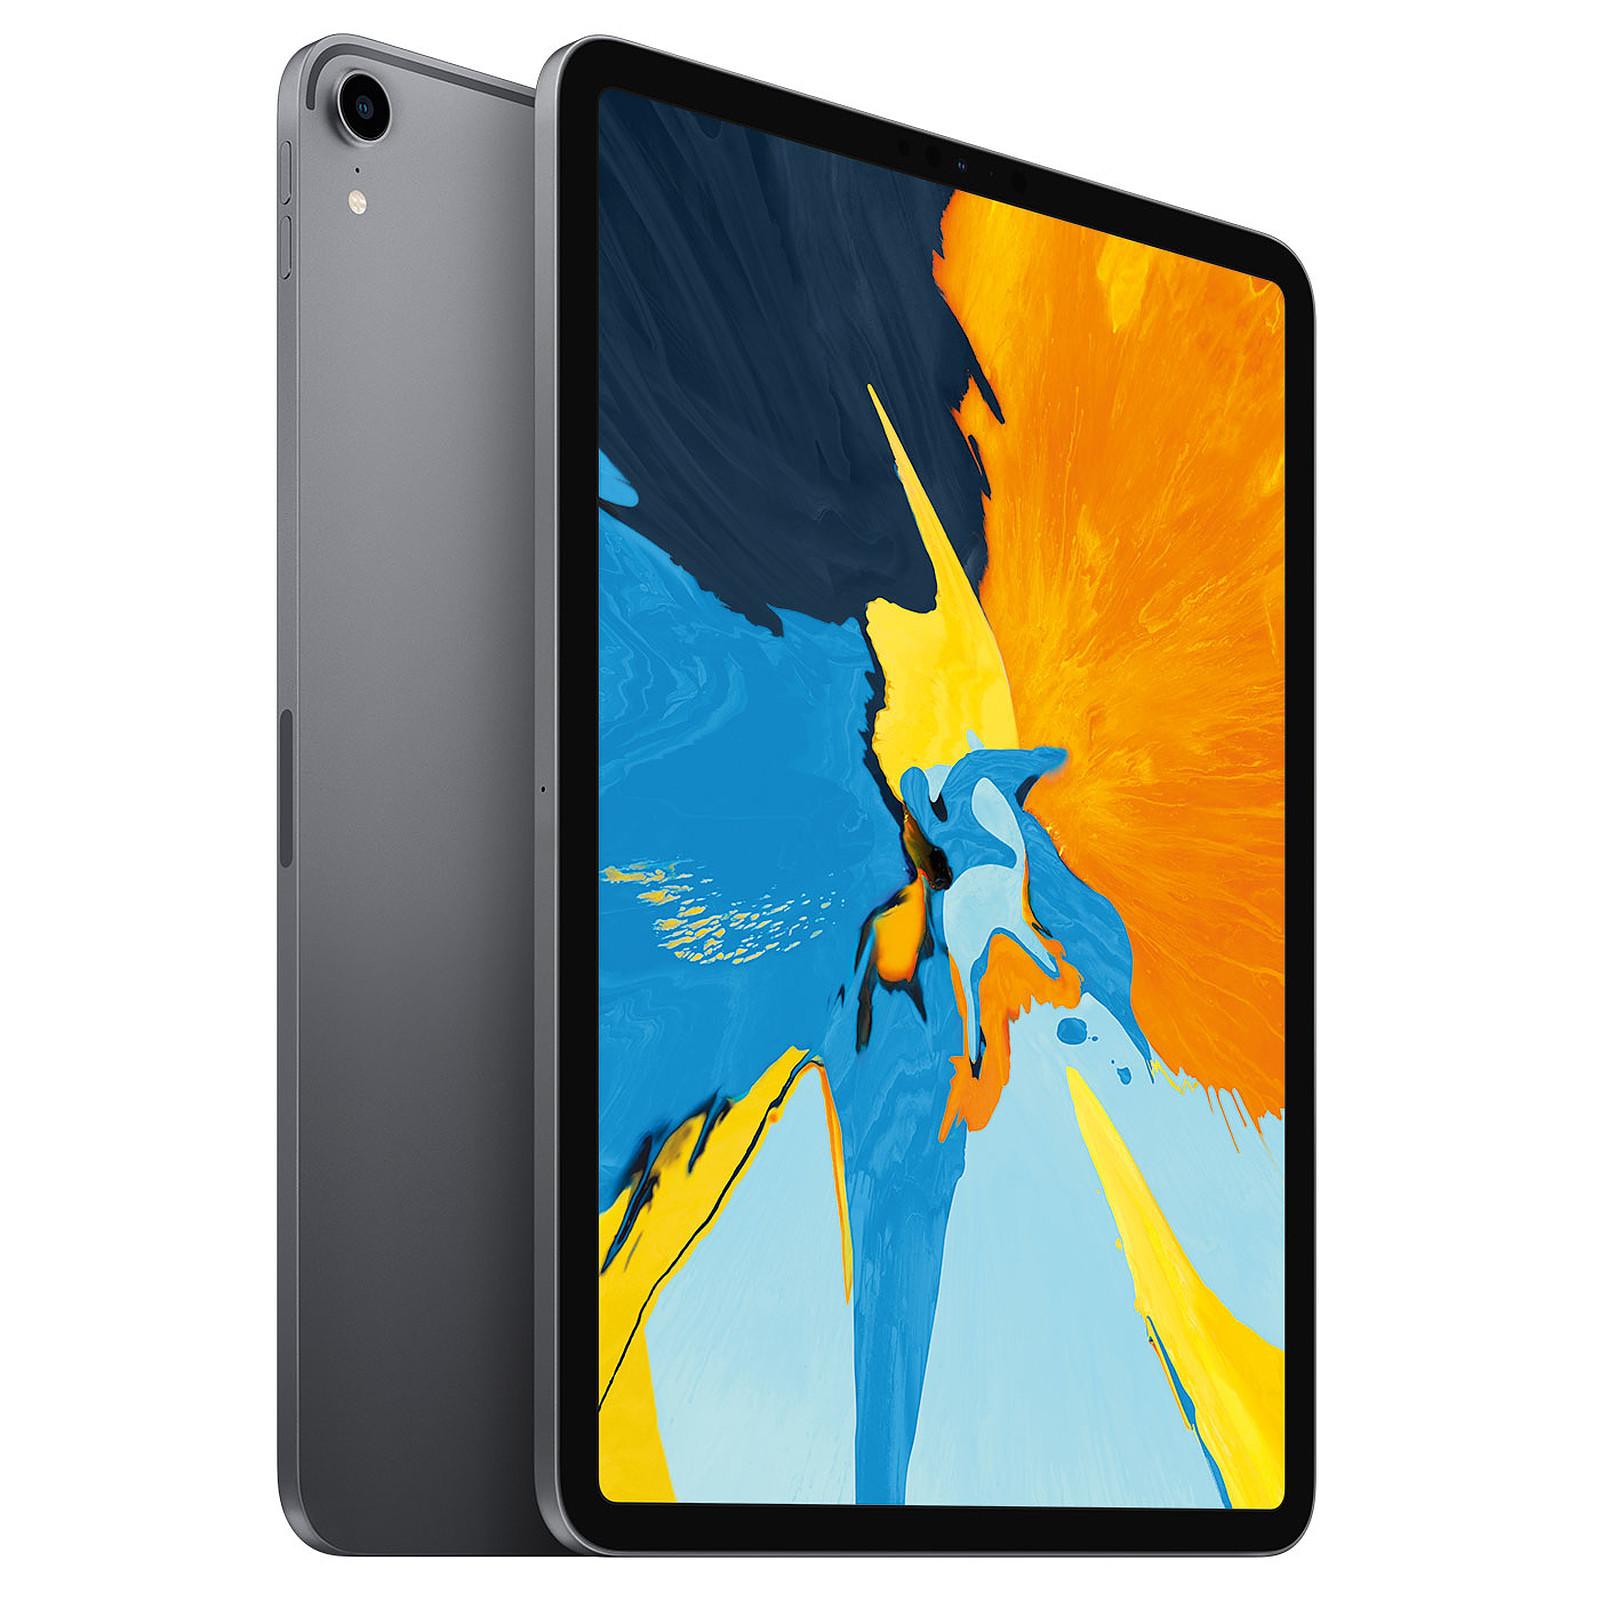 Apple iPad Pro 11-inch Wi-Fi 256GB Space Gray (2018)